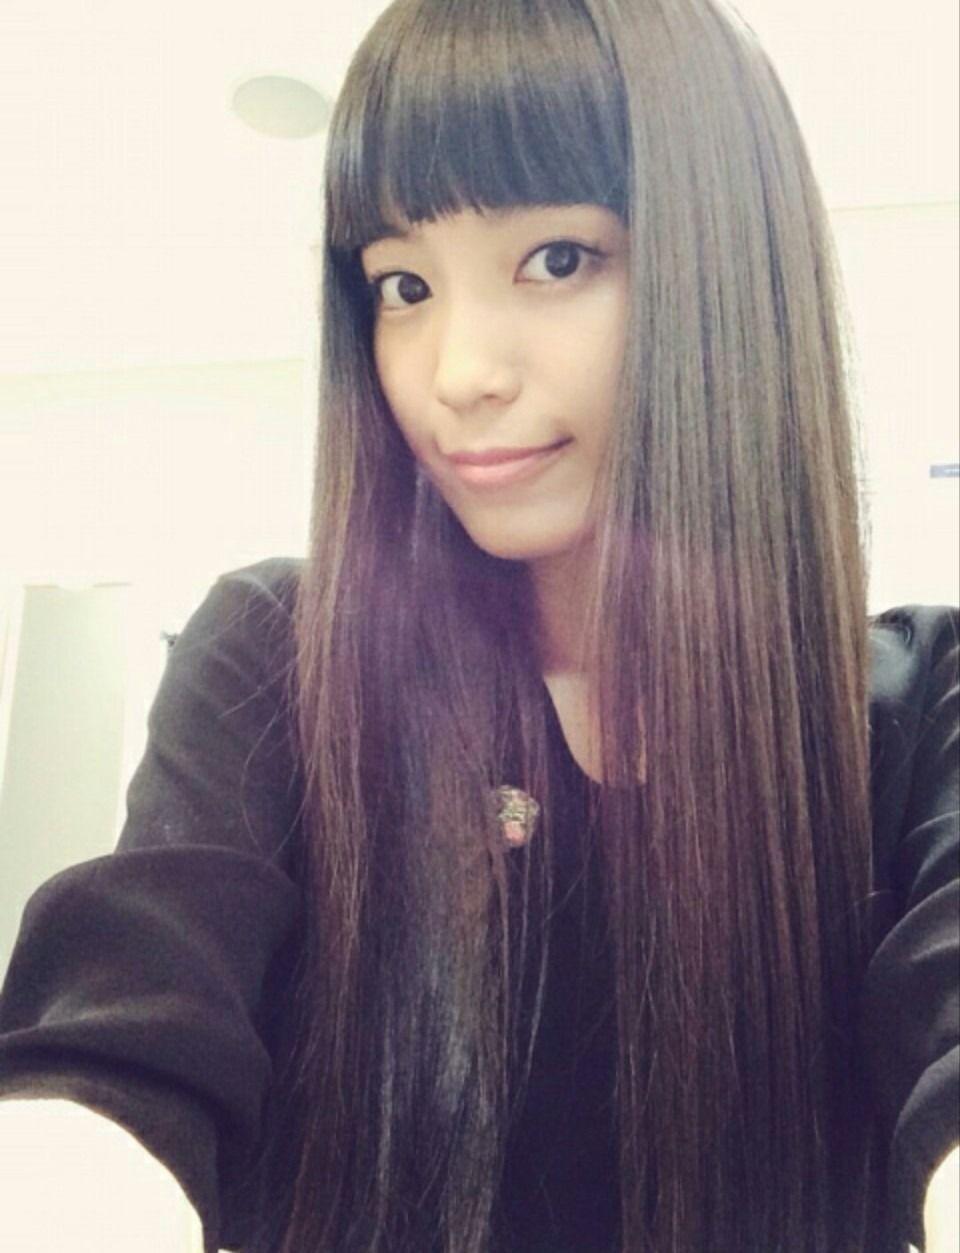 画像180枚 小さくて可愛い Miwaの可愛らしい高画質な画像 壁紙 写真まとめサイト Pictas ヘアスタイリング ヘアスタイル ロング ロングヘア